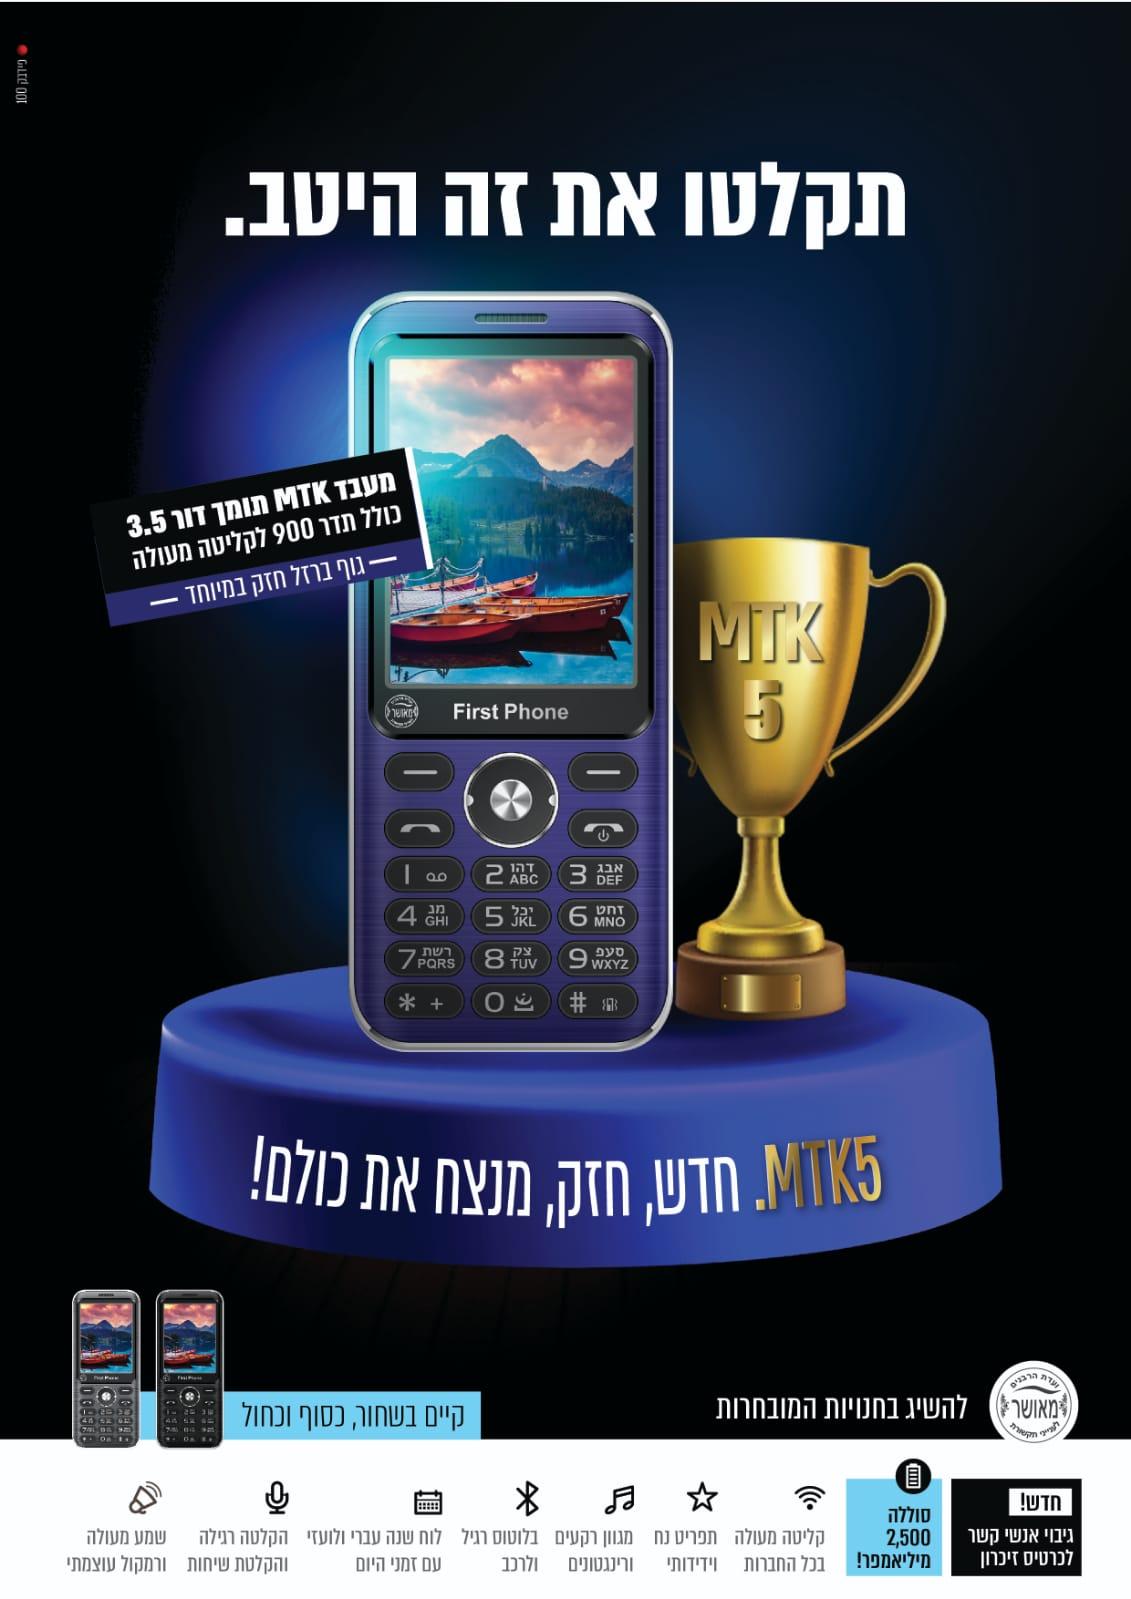 חדש! מכשיר כשר מאושר First Phone MTK5 ממתכת חזק במיוחד!